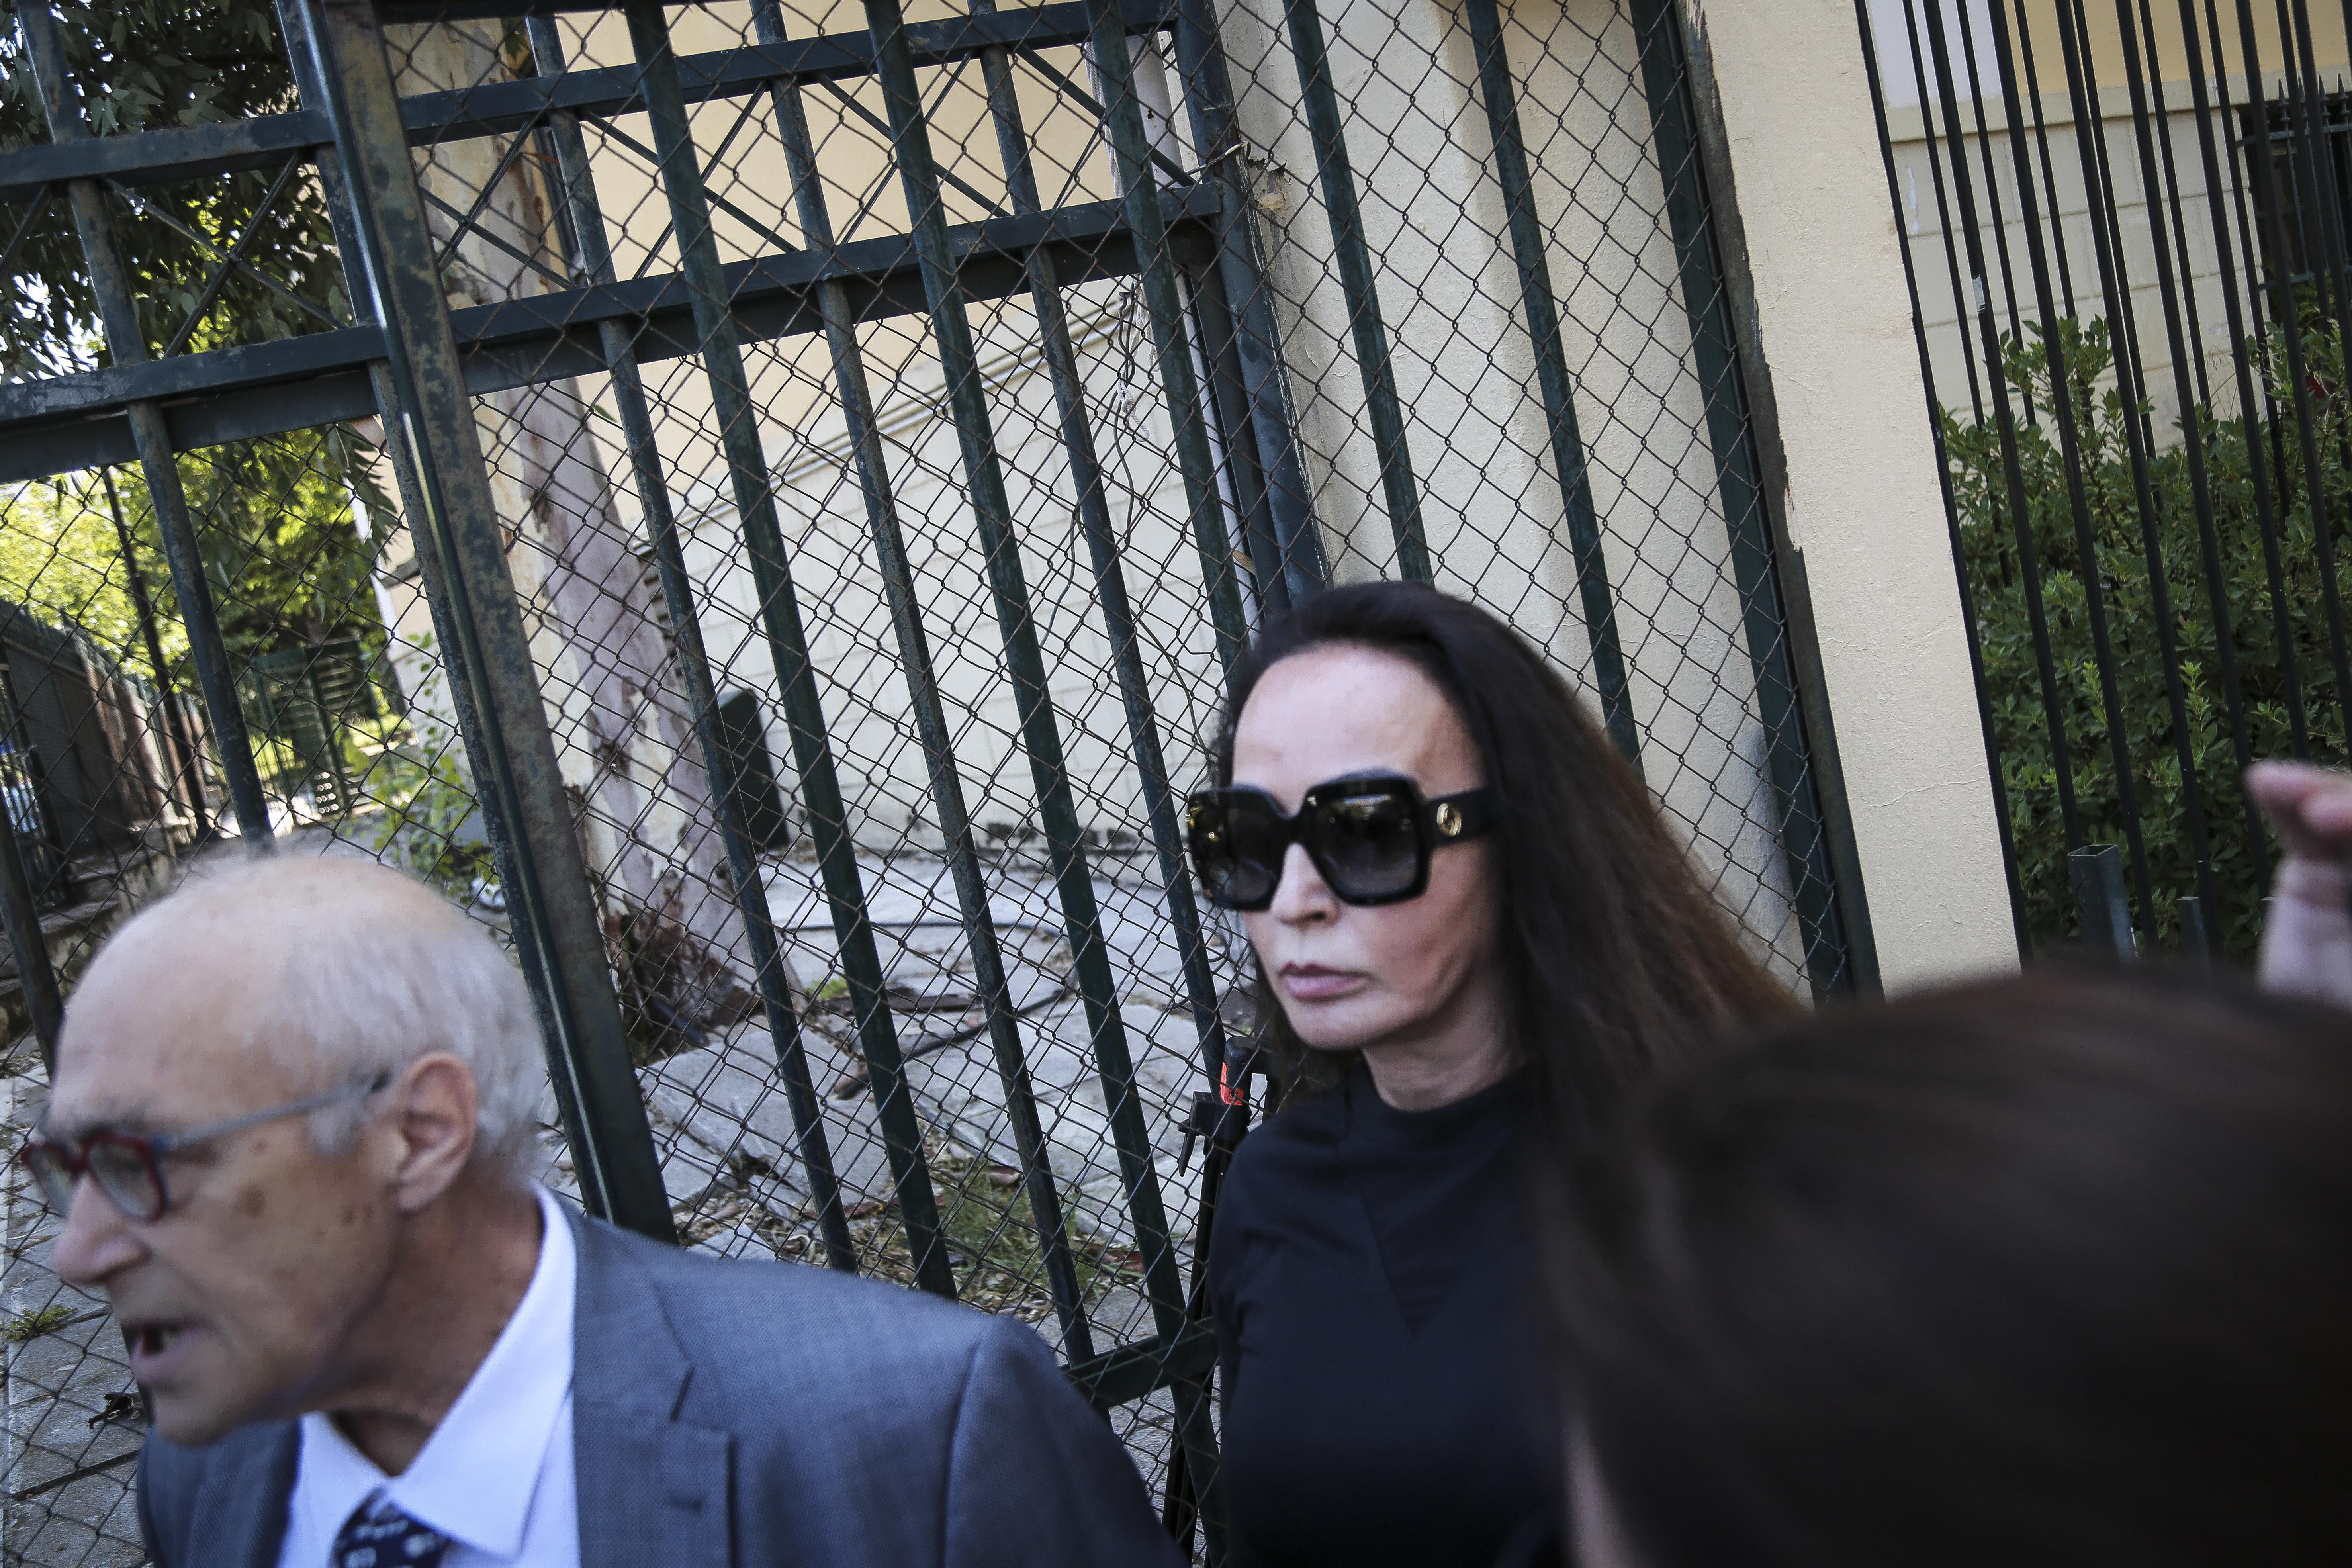 Ελεύθερη χωρίς όρους αφέθηκε η Βίκυ Σταμάτη μετά την απολογία της για την υπόθεση του ελβετικού συμβολαίου